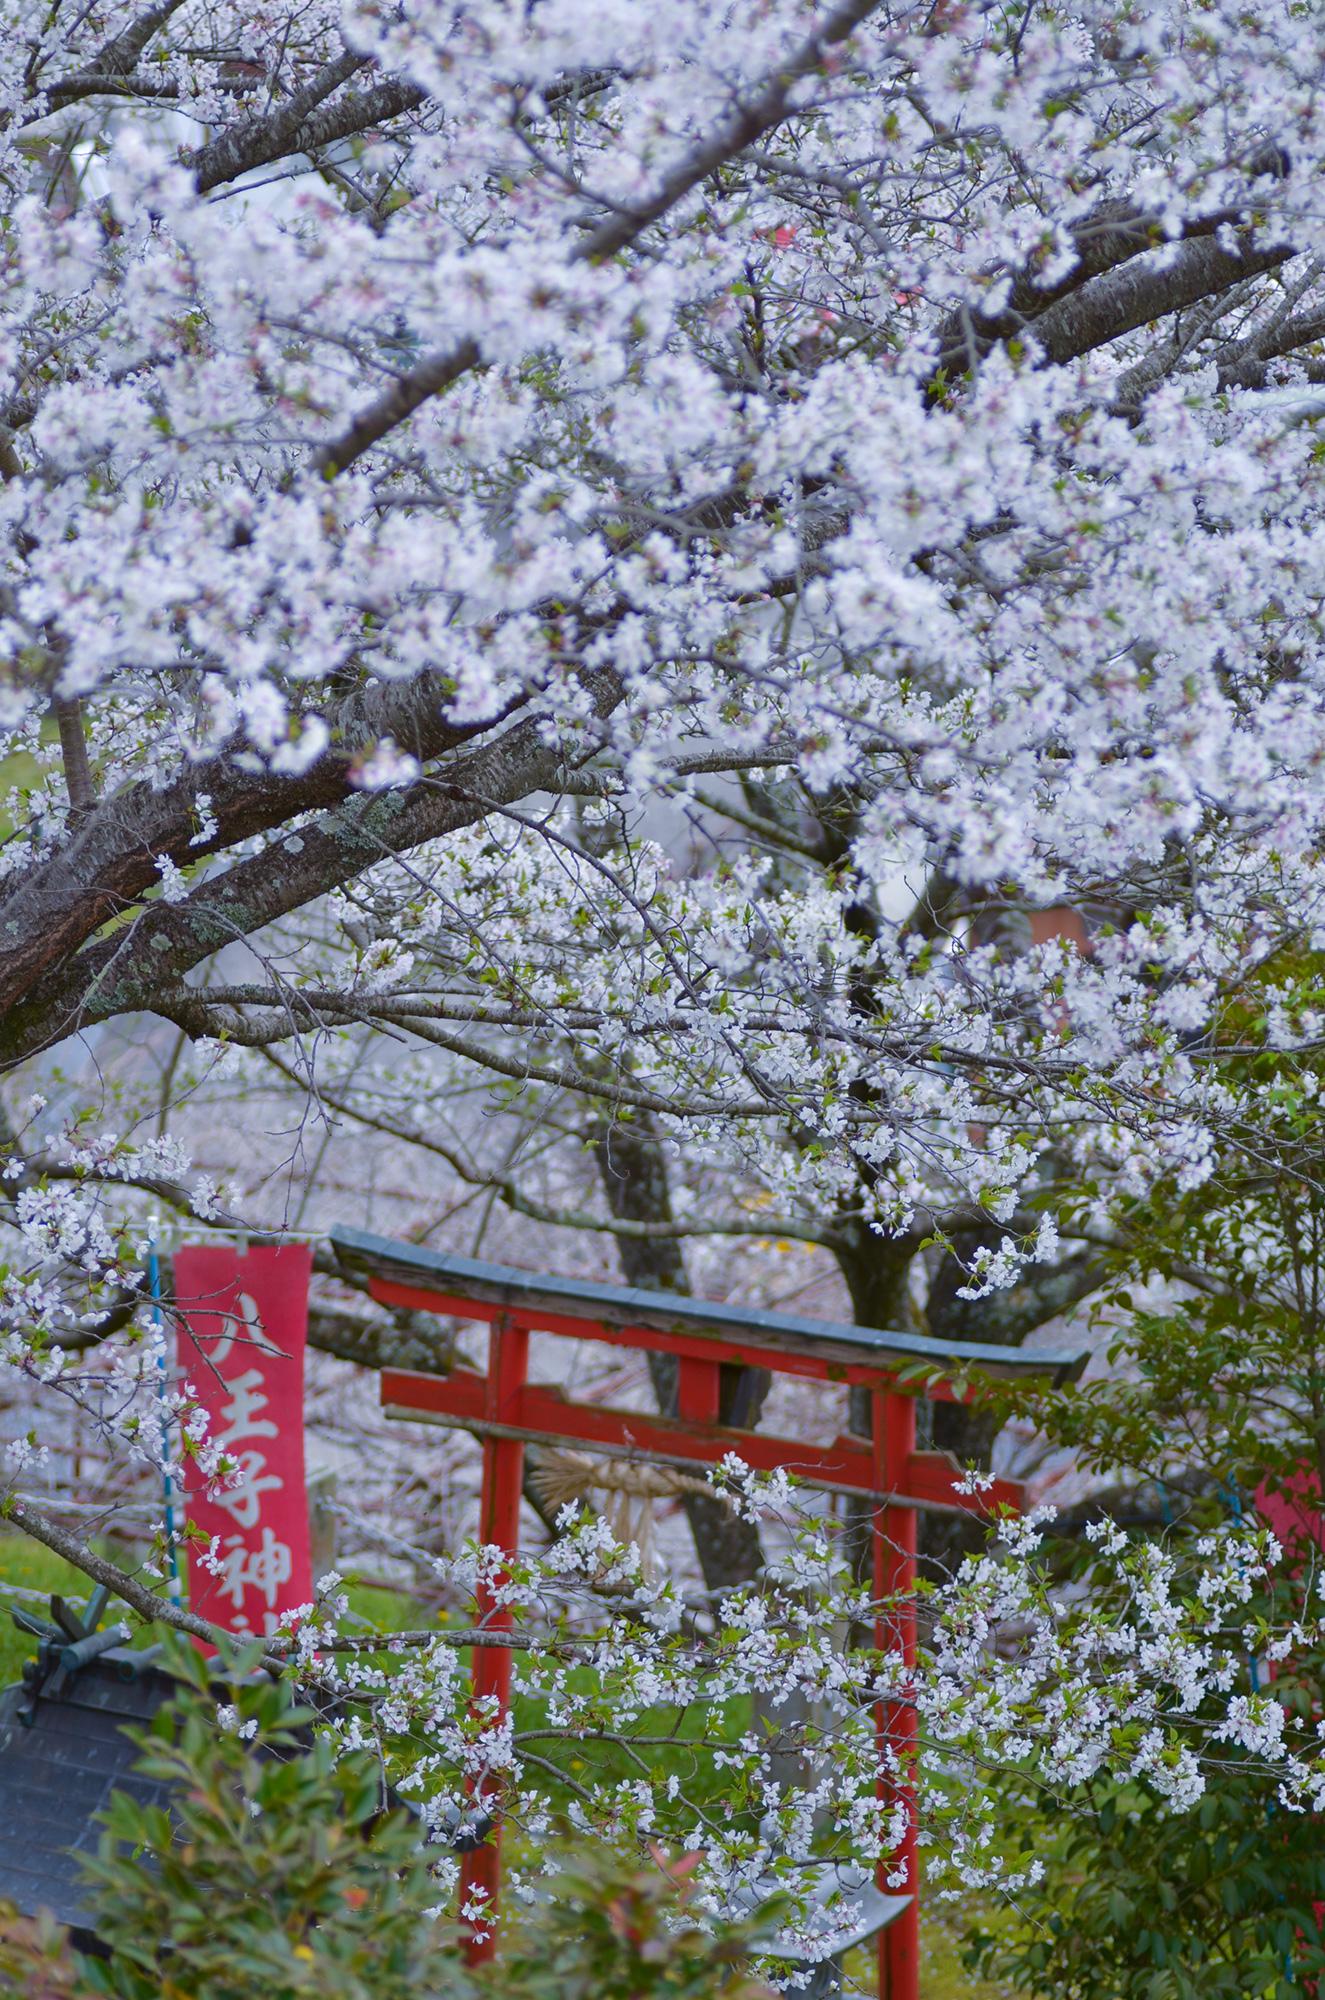 奥之院の桜は見事なものです。